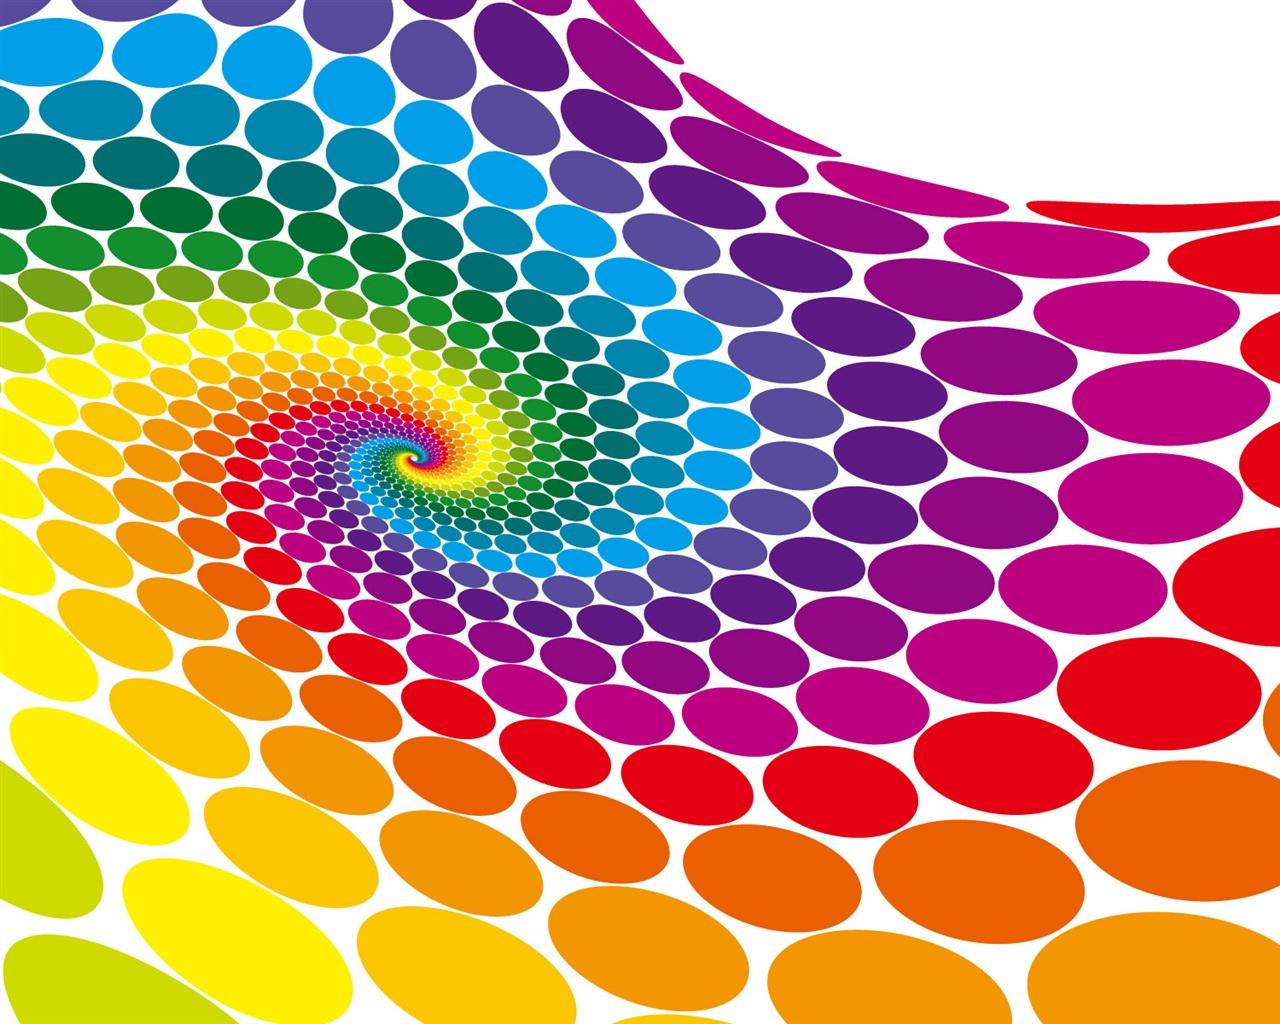 colorful vector circle wallpaper 1280x1024 resolution wallpa